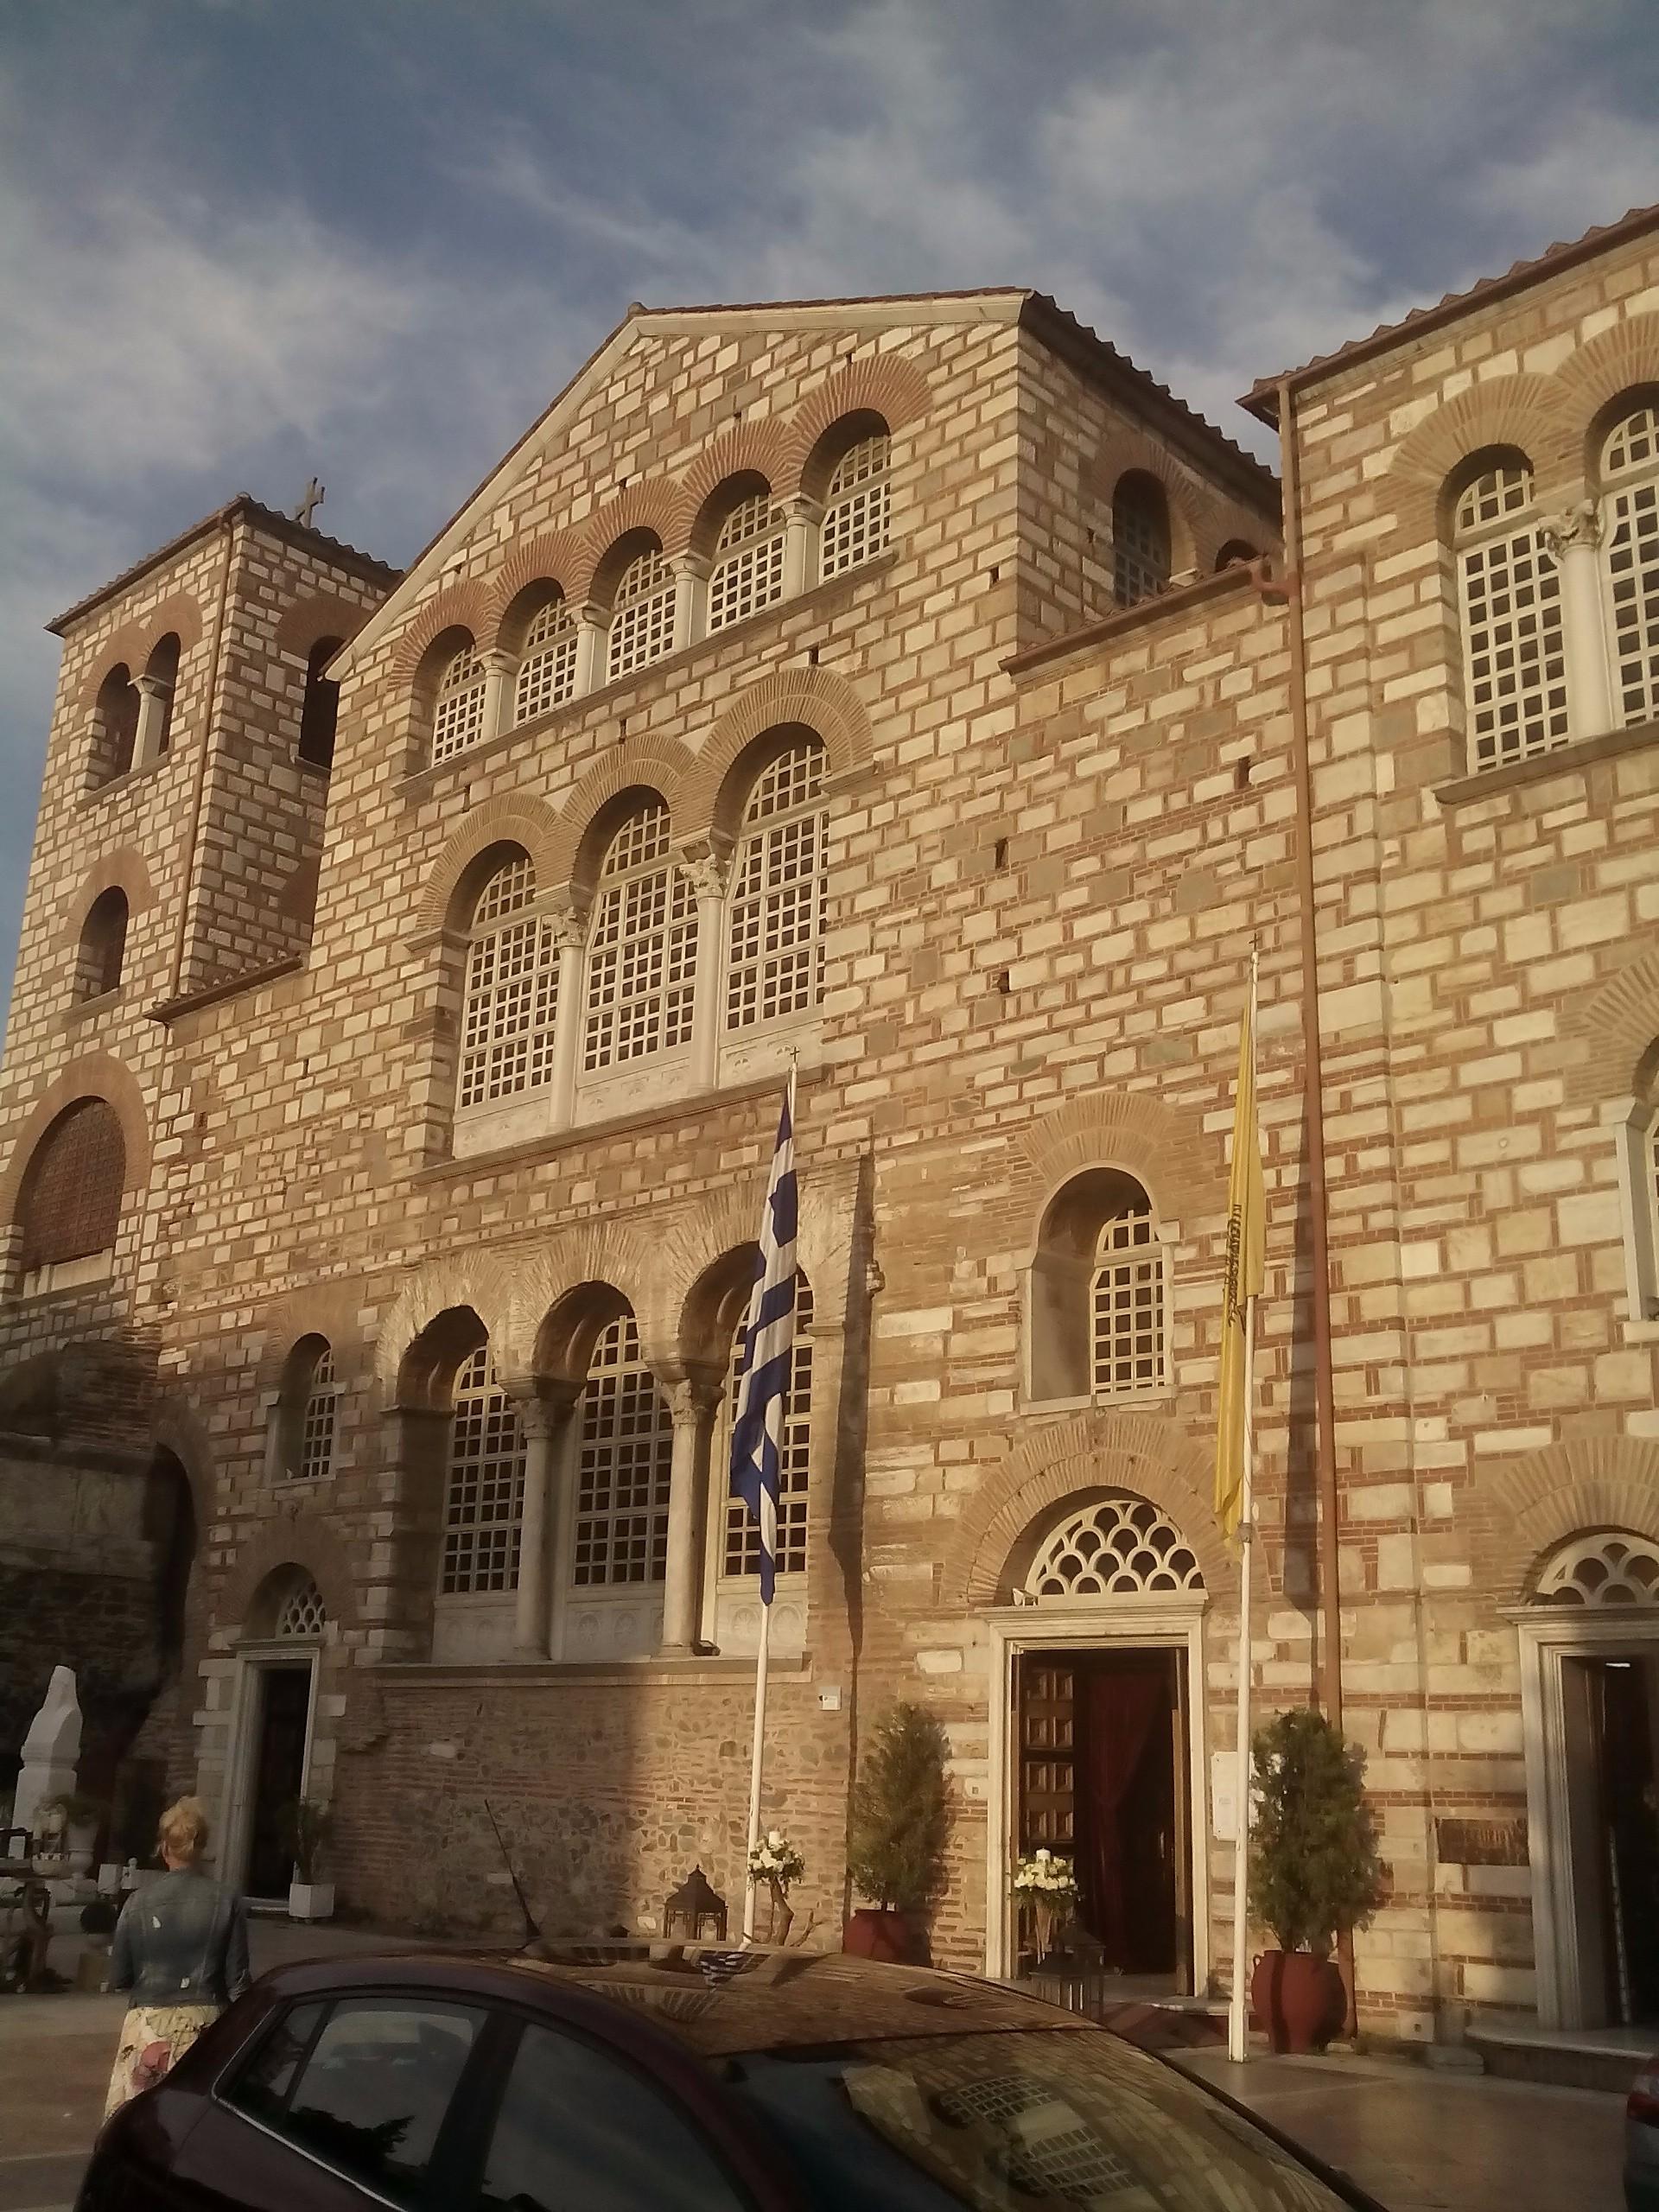 Biserica Sfantul Dumitru Izvoratorul de Mir